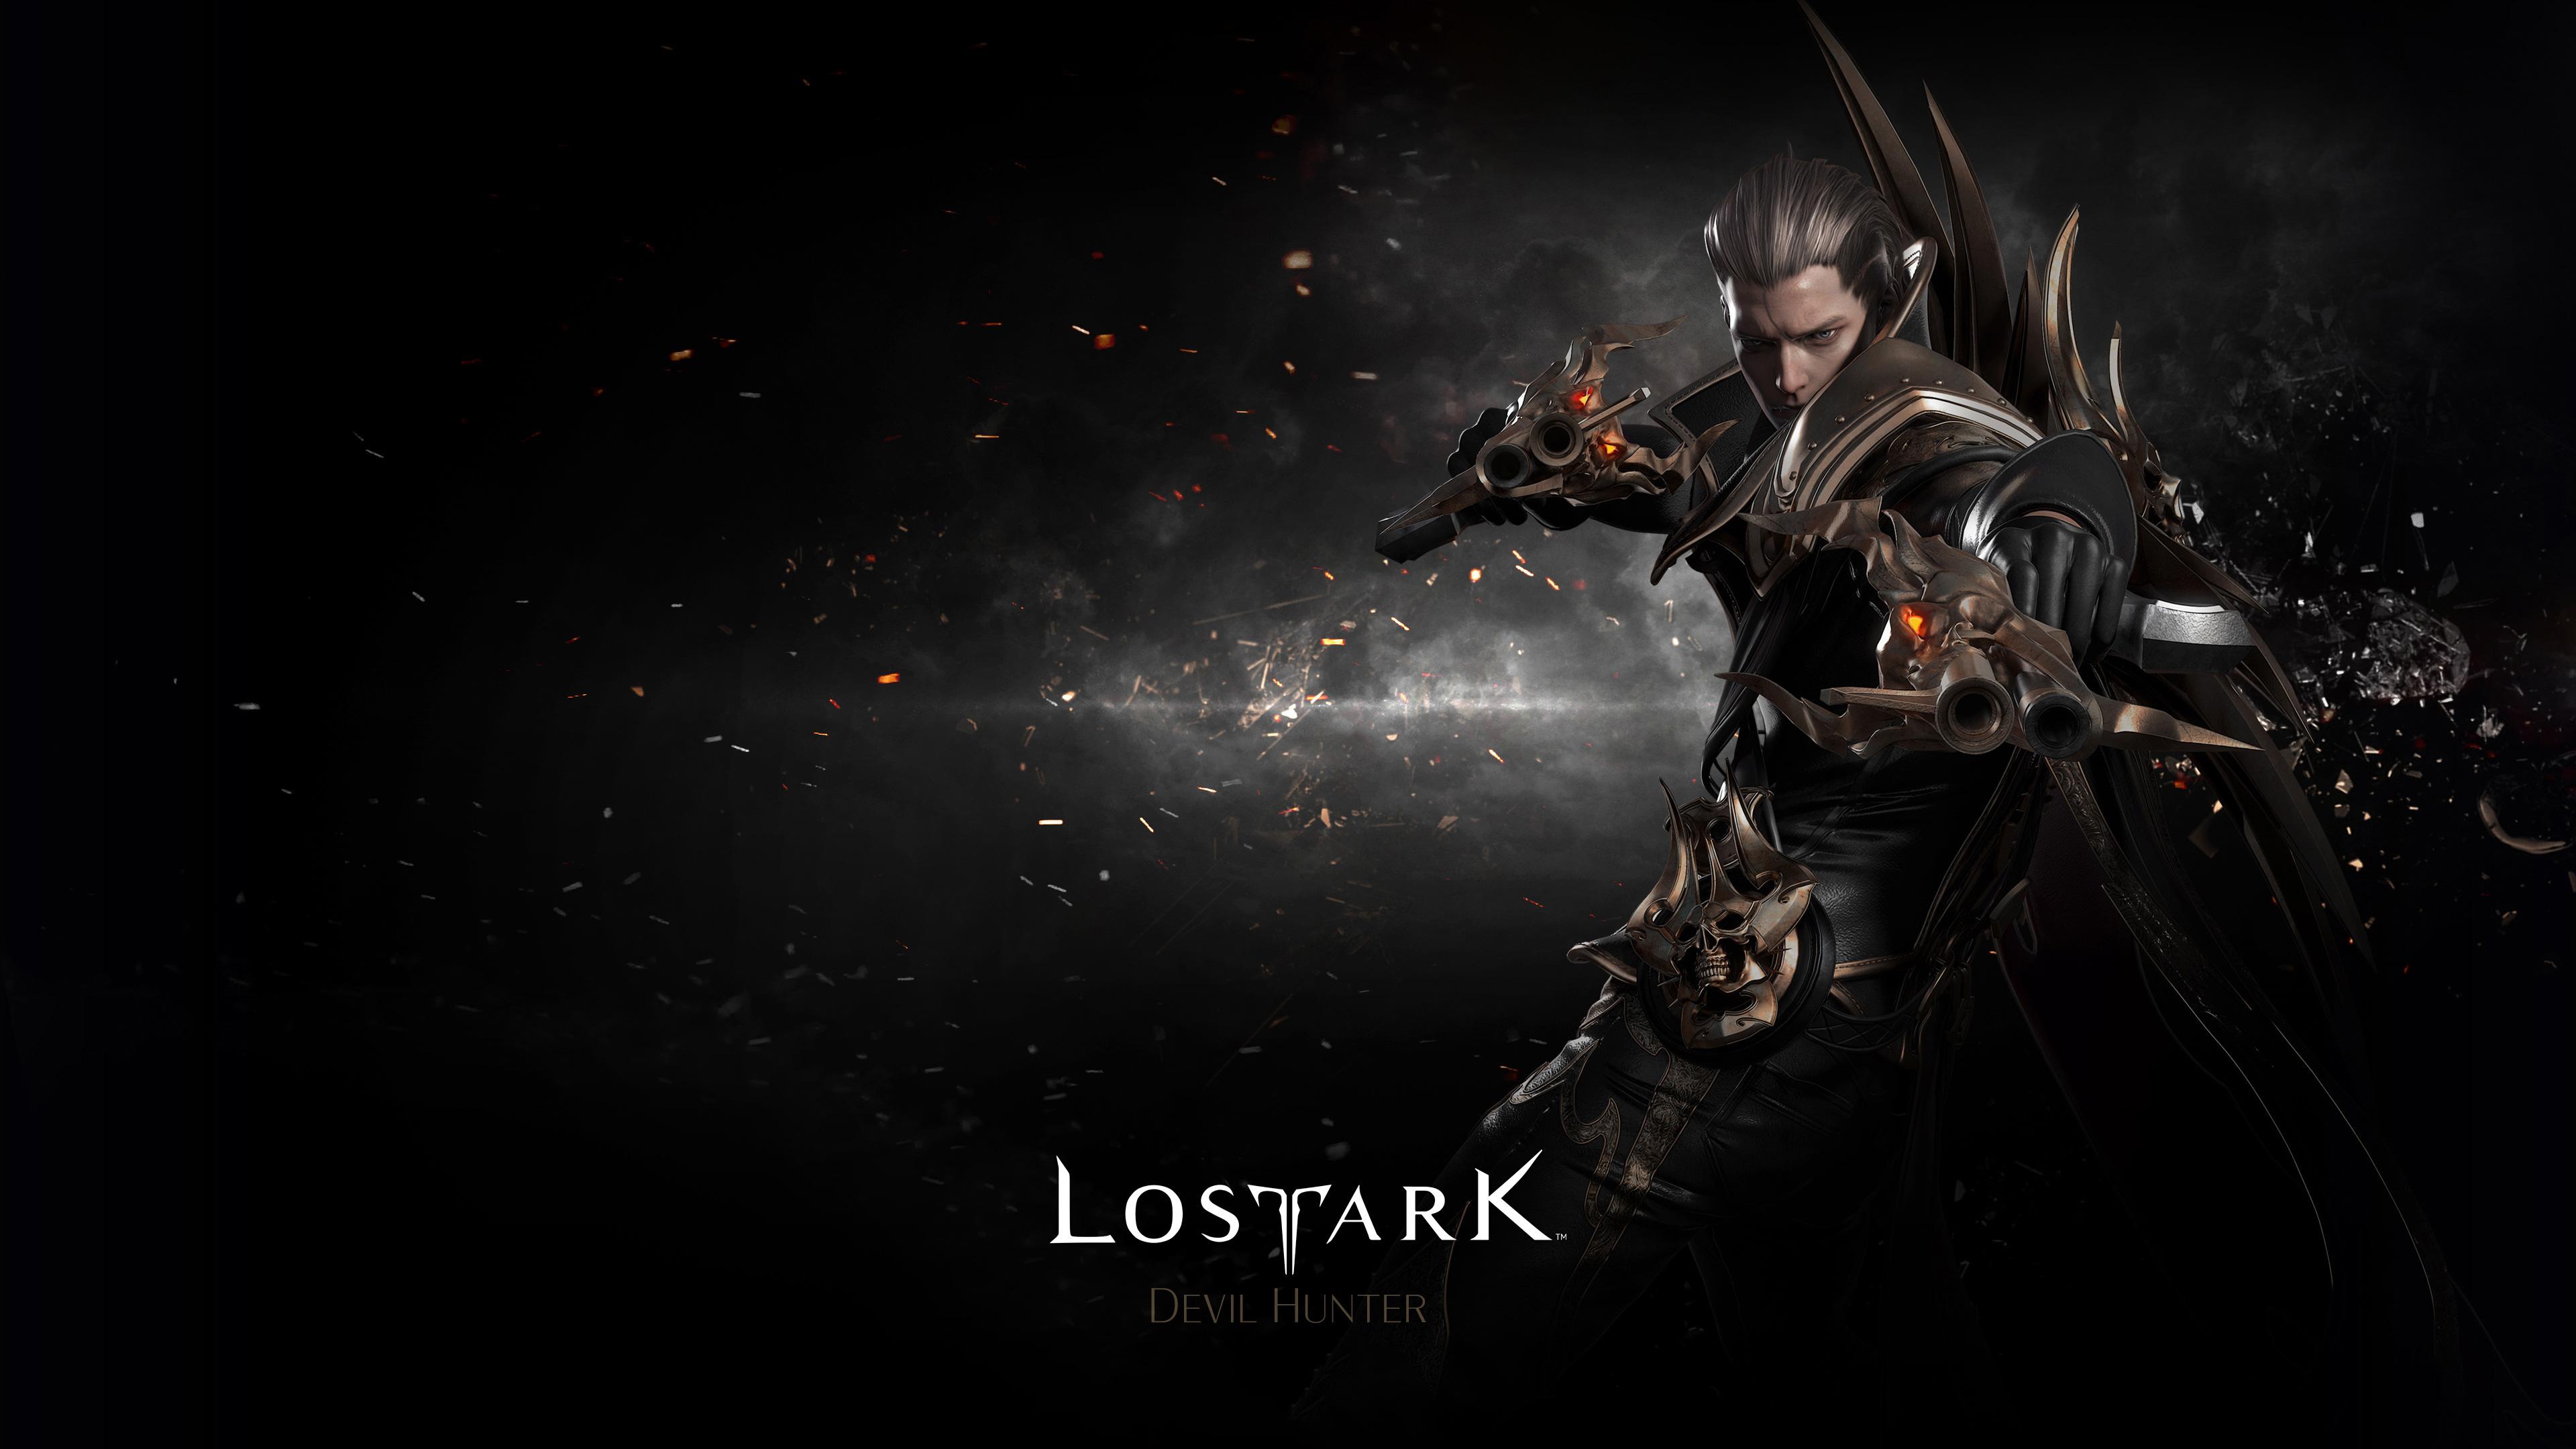 Devil Hunter In Lost Ark